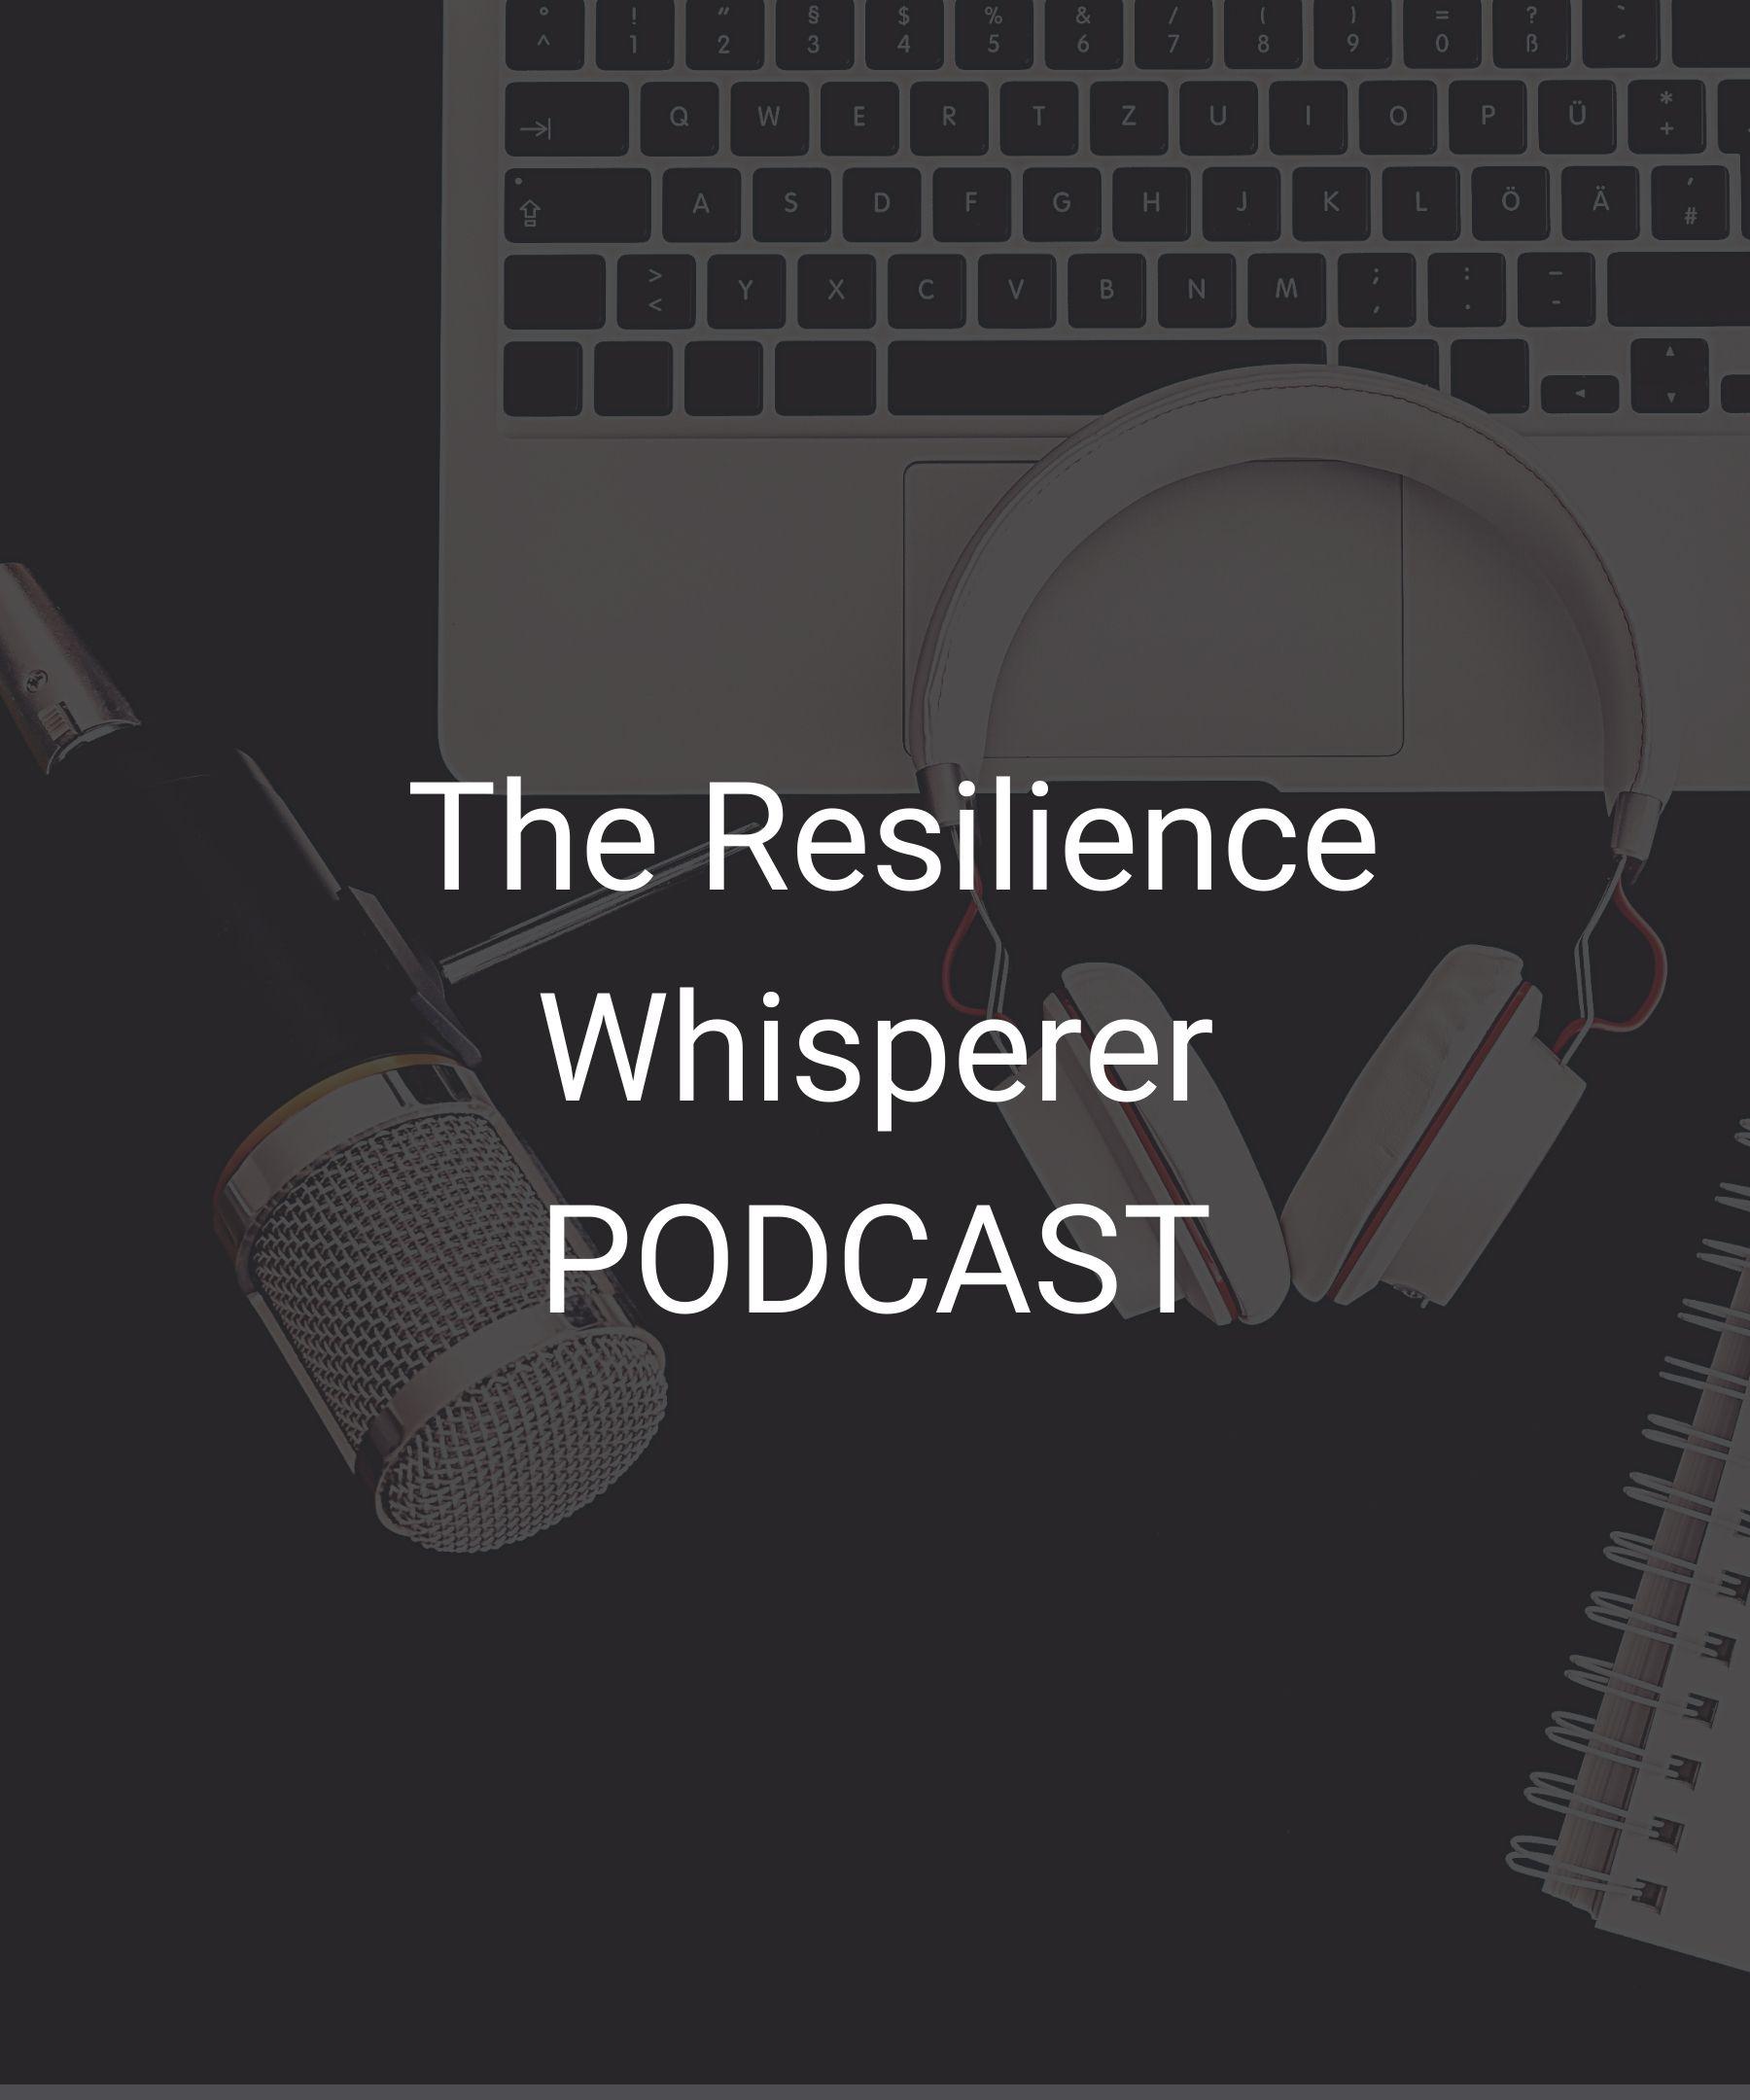 The Resilience Whisperer